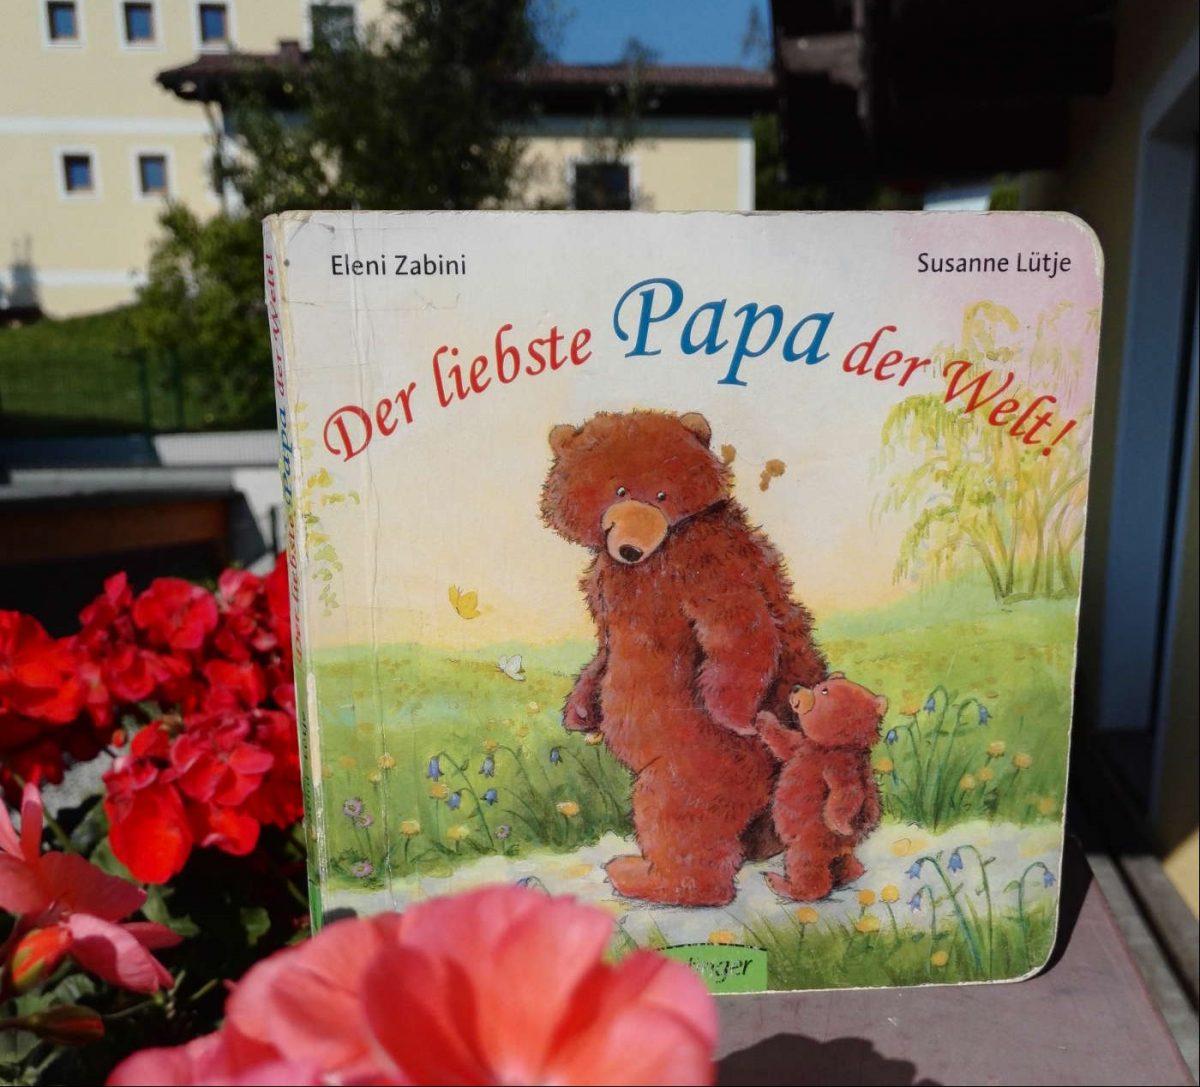 Eleni Zabini und Susanne Lütje: Der liebste Papa der Welt!